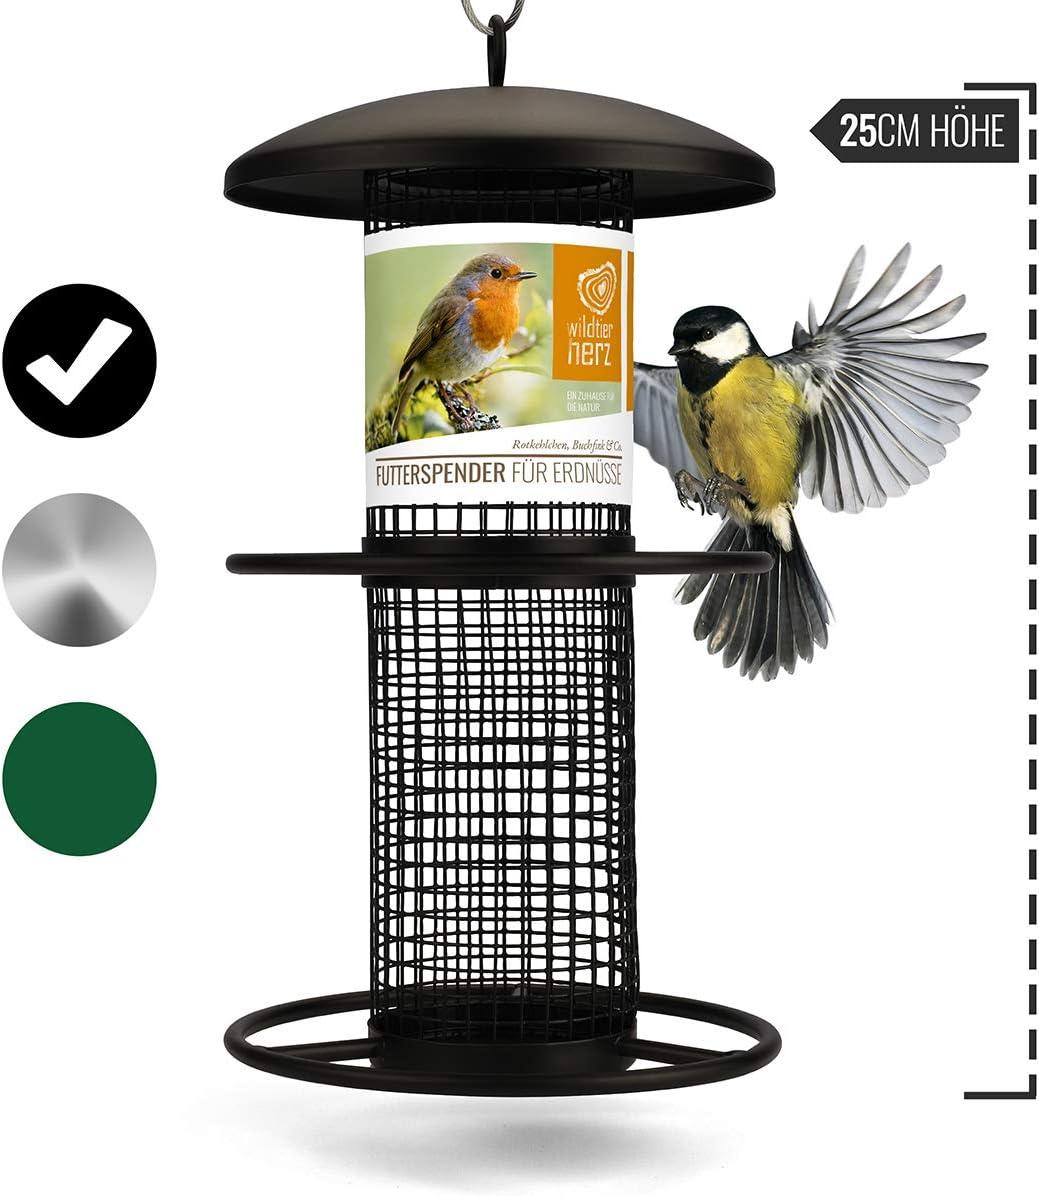 wildtier herz   Dispensador de comida para pájaros 25cm, columna de alimentación para comida de pájaros, comedero para alimentar aves silvestres